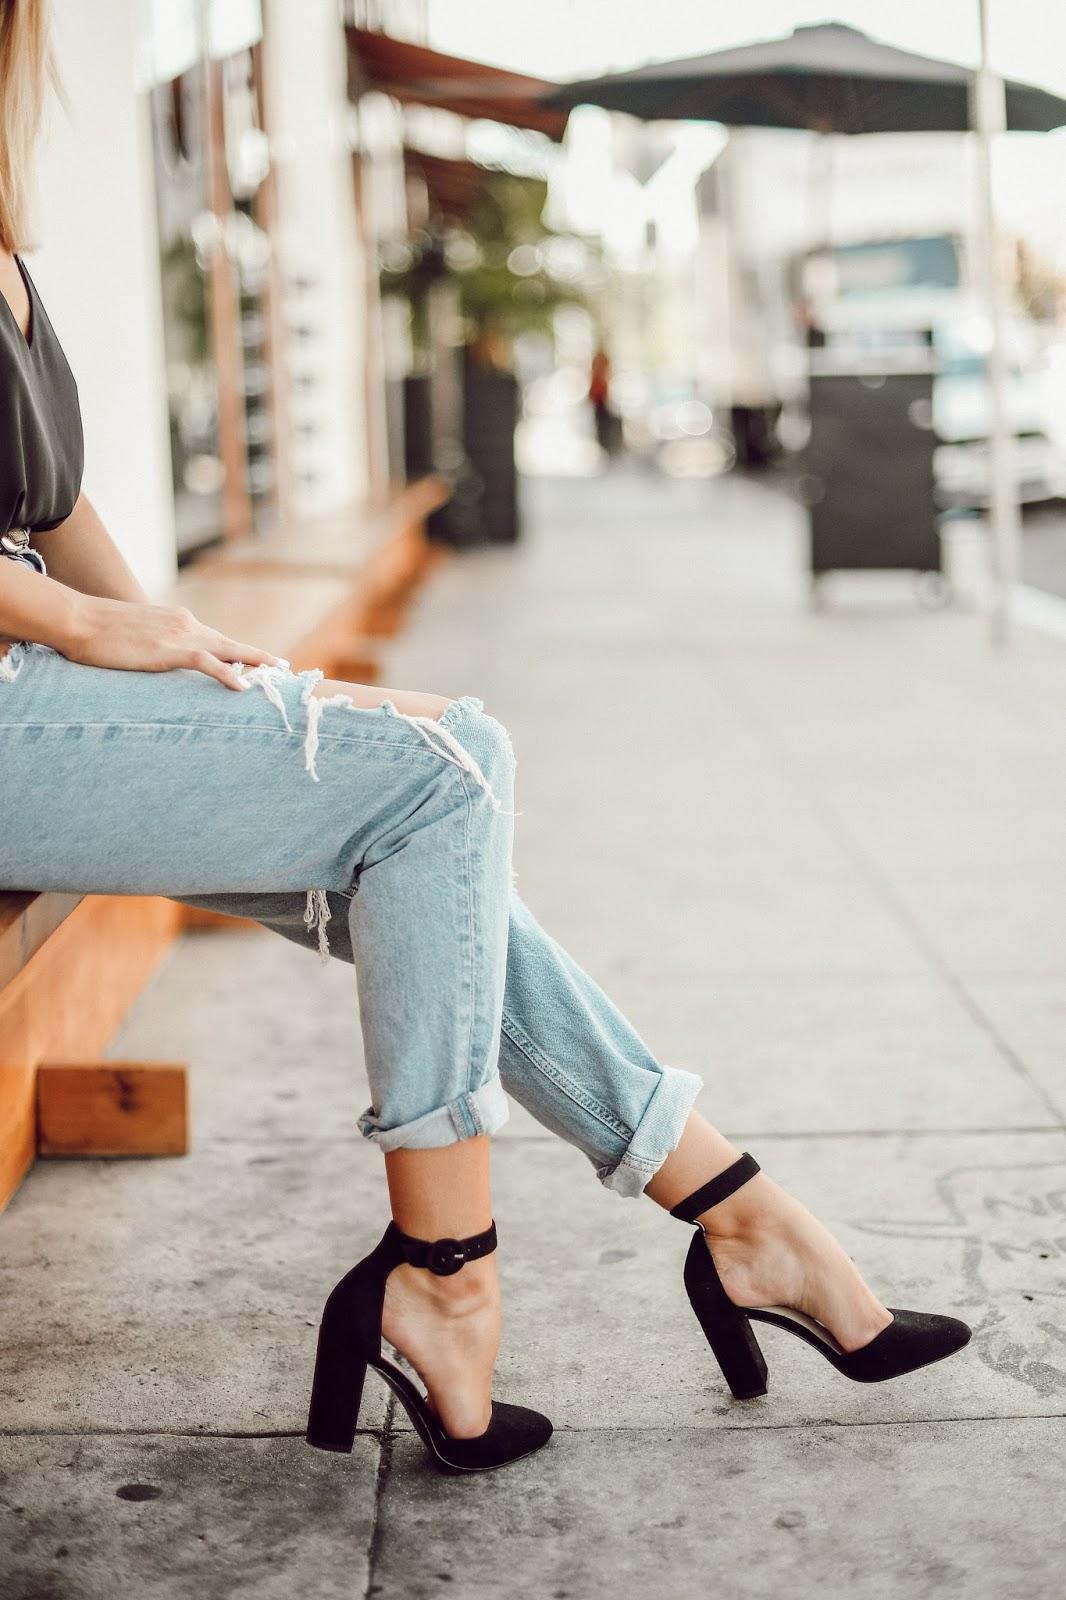 Pelle Moda Fritz Heels - Black - @taylorwinkelmeyer